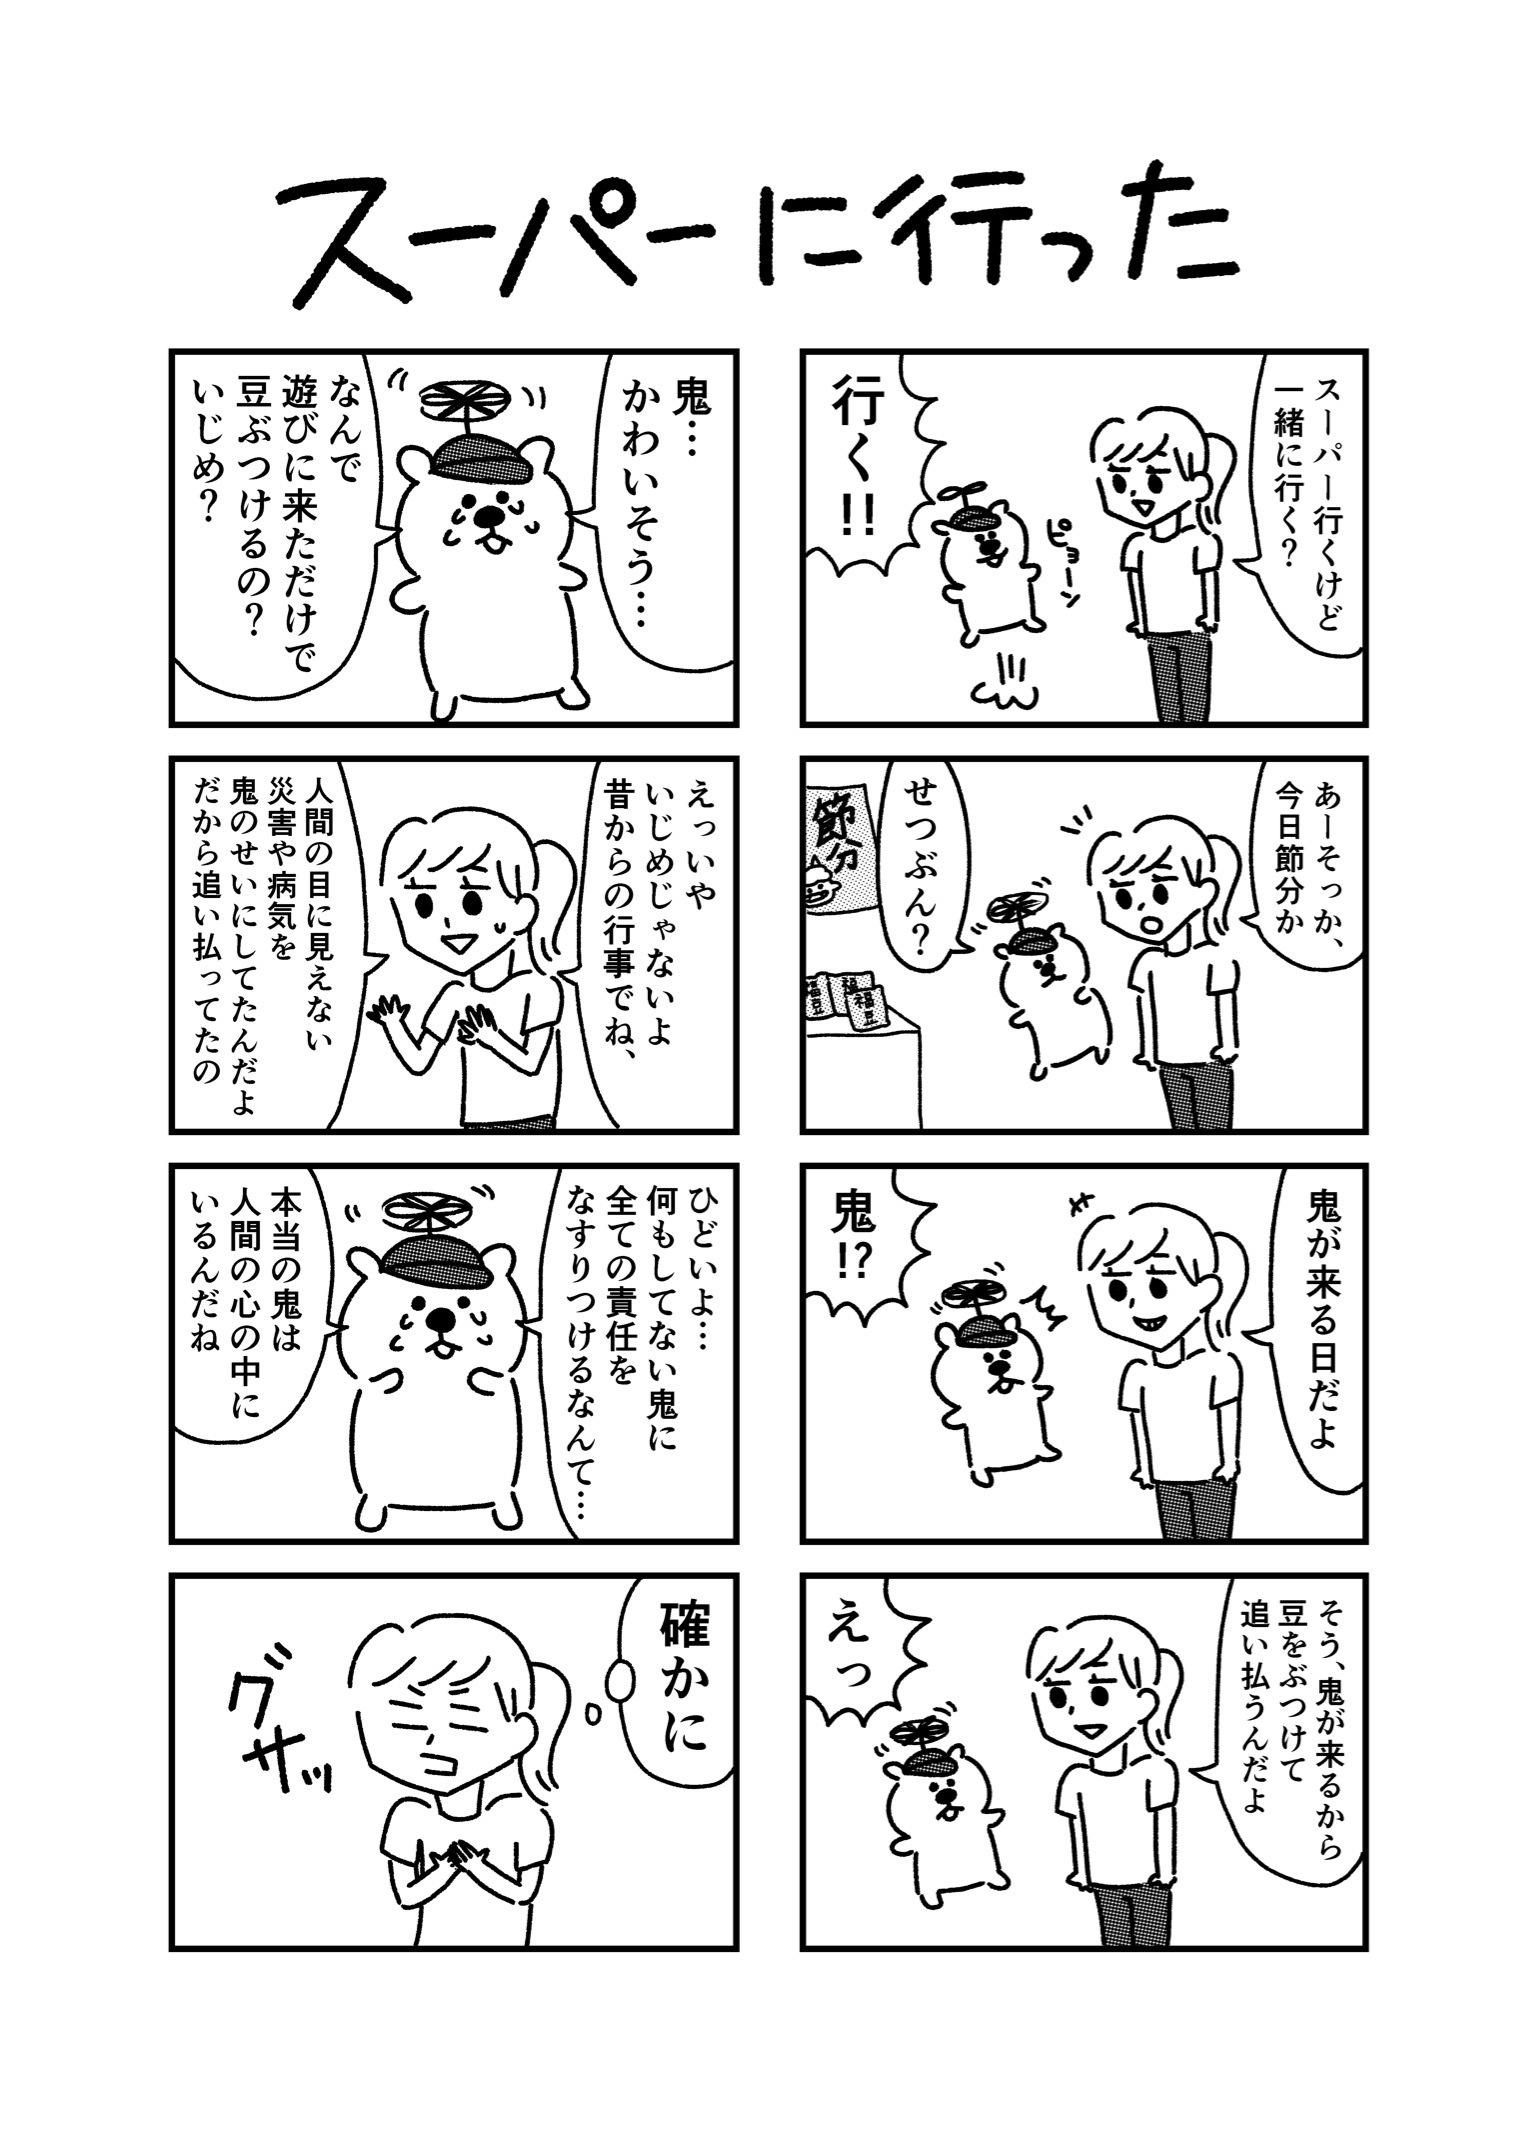 変な生き物の漫画【第六話】_f0346353_19530513.jpeg